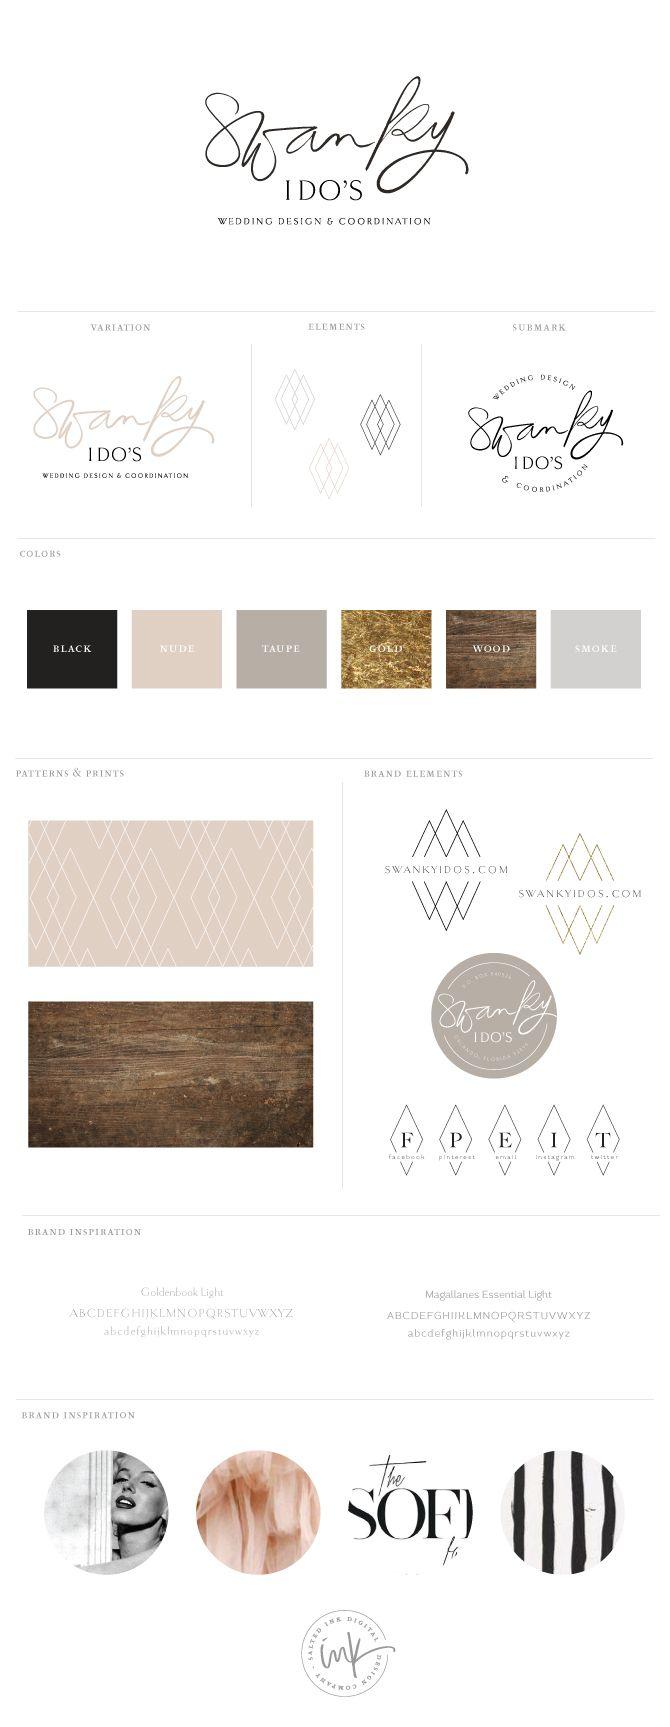 Brand Launch: Swanky I Do's by Salted Ink | #brand #branding #logo | www.saltedink.com